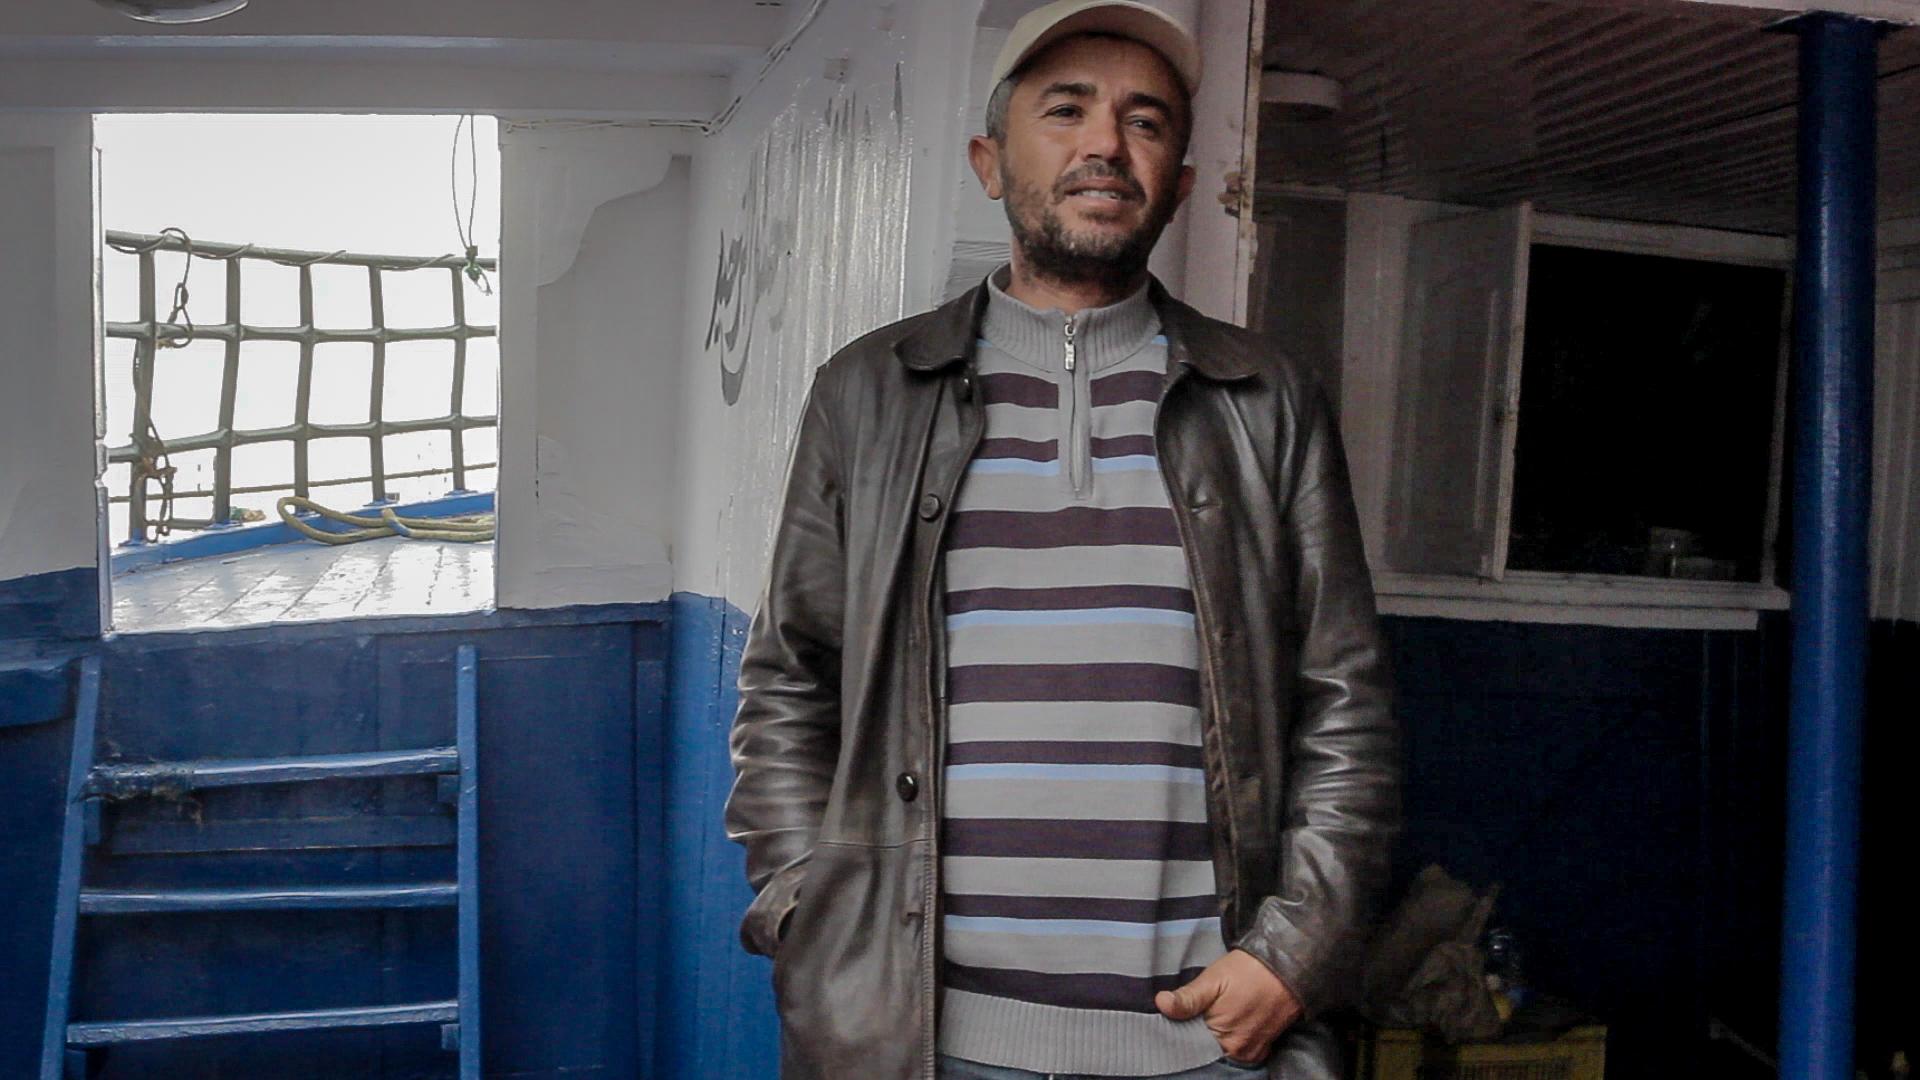 Anis Belhaj, pescatore di Zarzis e membro dell'associazione pescatori, sulla sua barca accanto al deposito viveri (foto: Giulia Bertoluzzi)